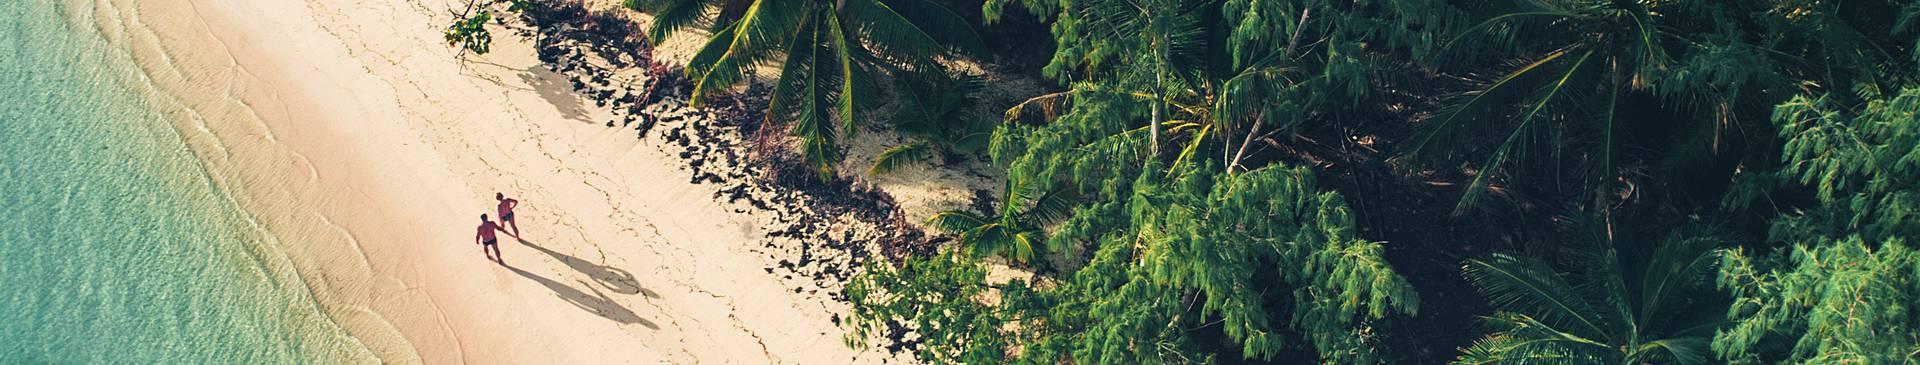 Voyage plage en République Dominicaine